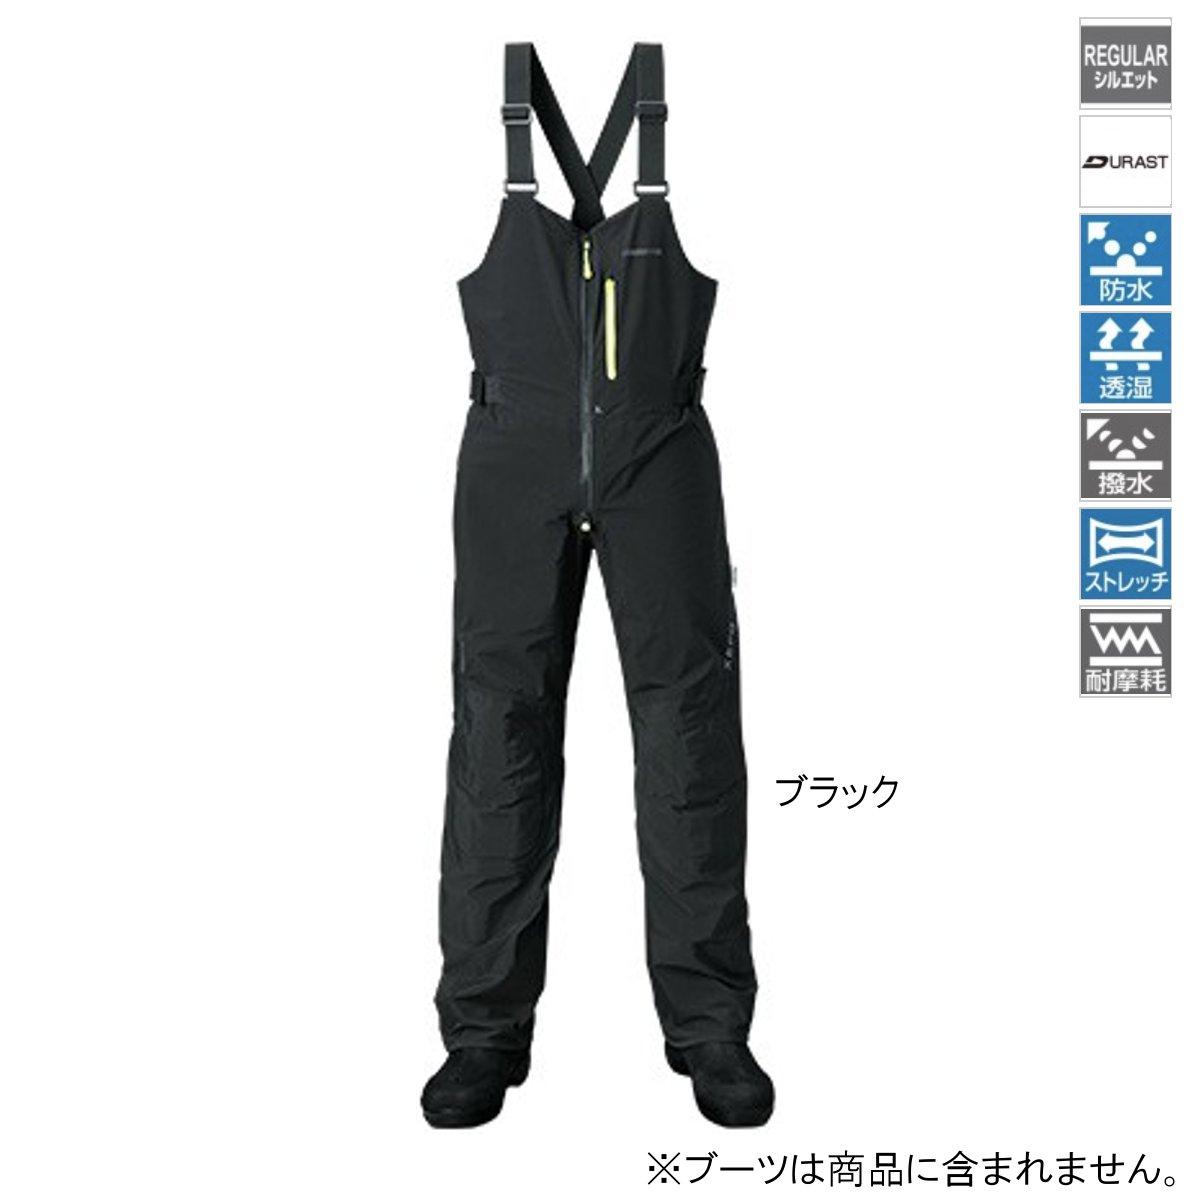 シマノ XEFO・DURASTレインビブ RA-26PS XL ブラック【送料無料】